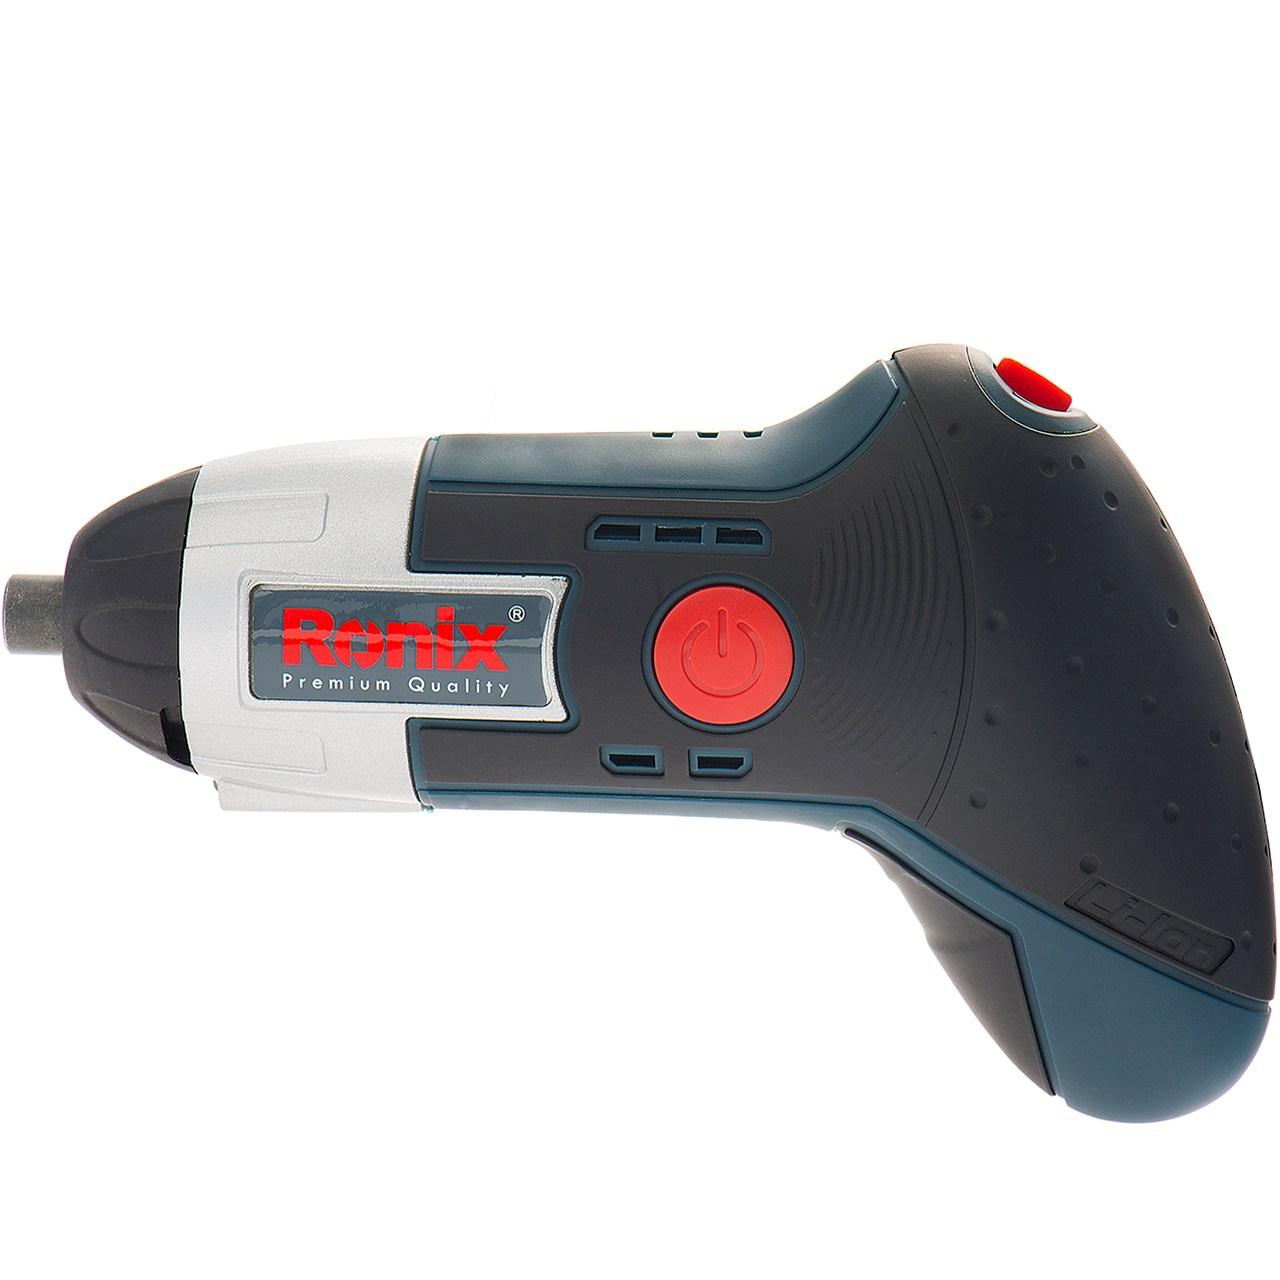 پیچ گوشتی شارژی رونیکس مدل 8500